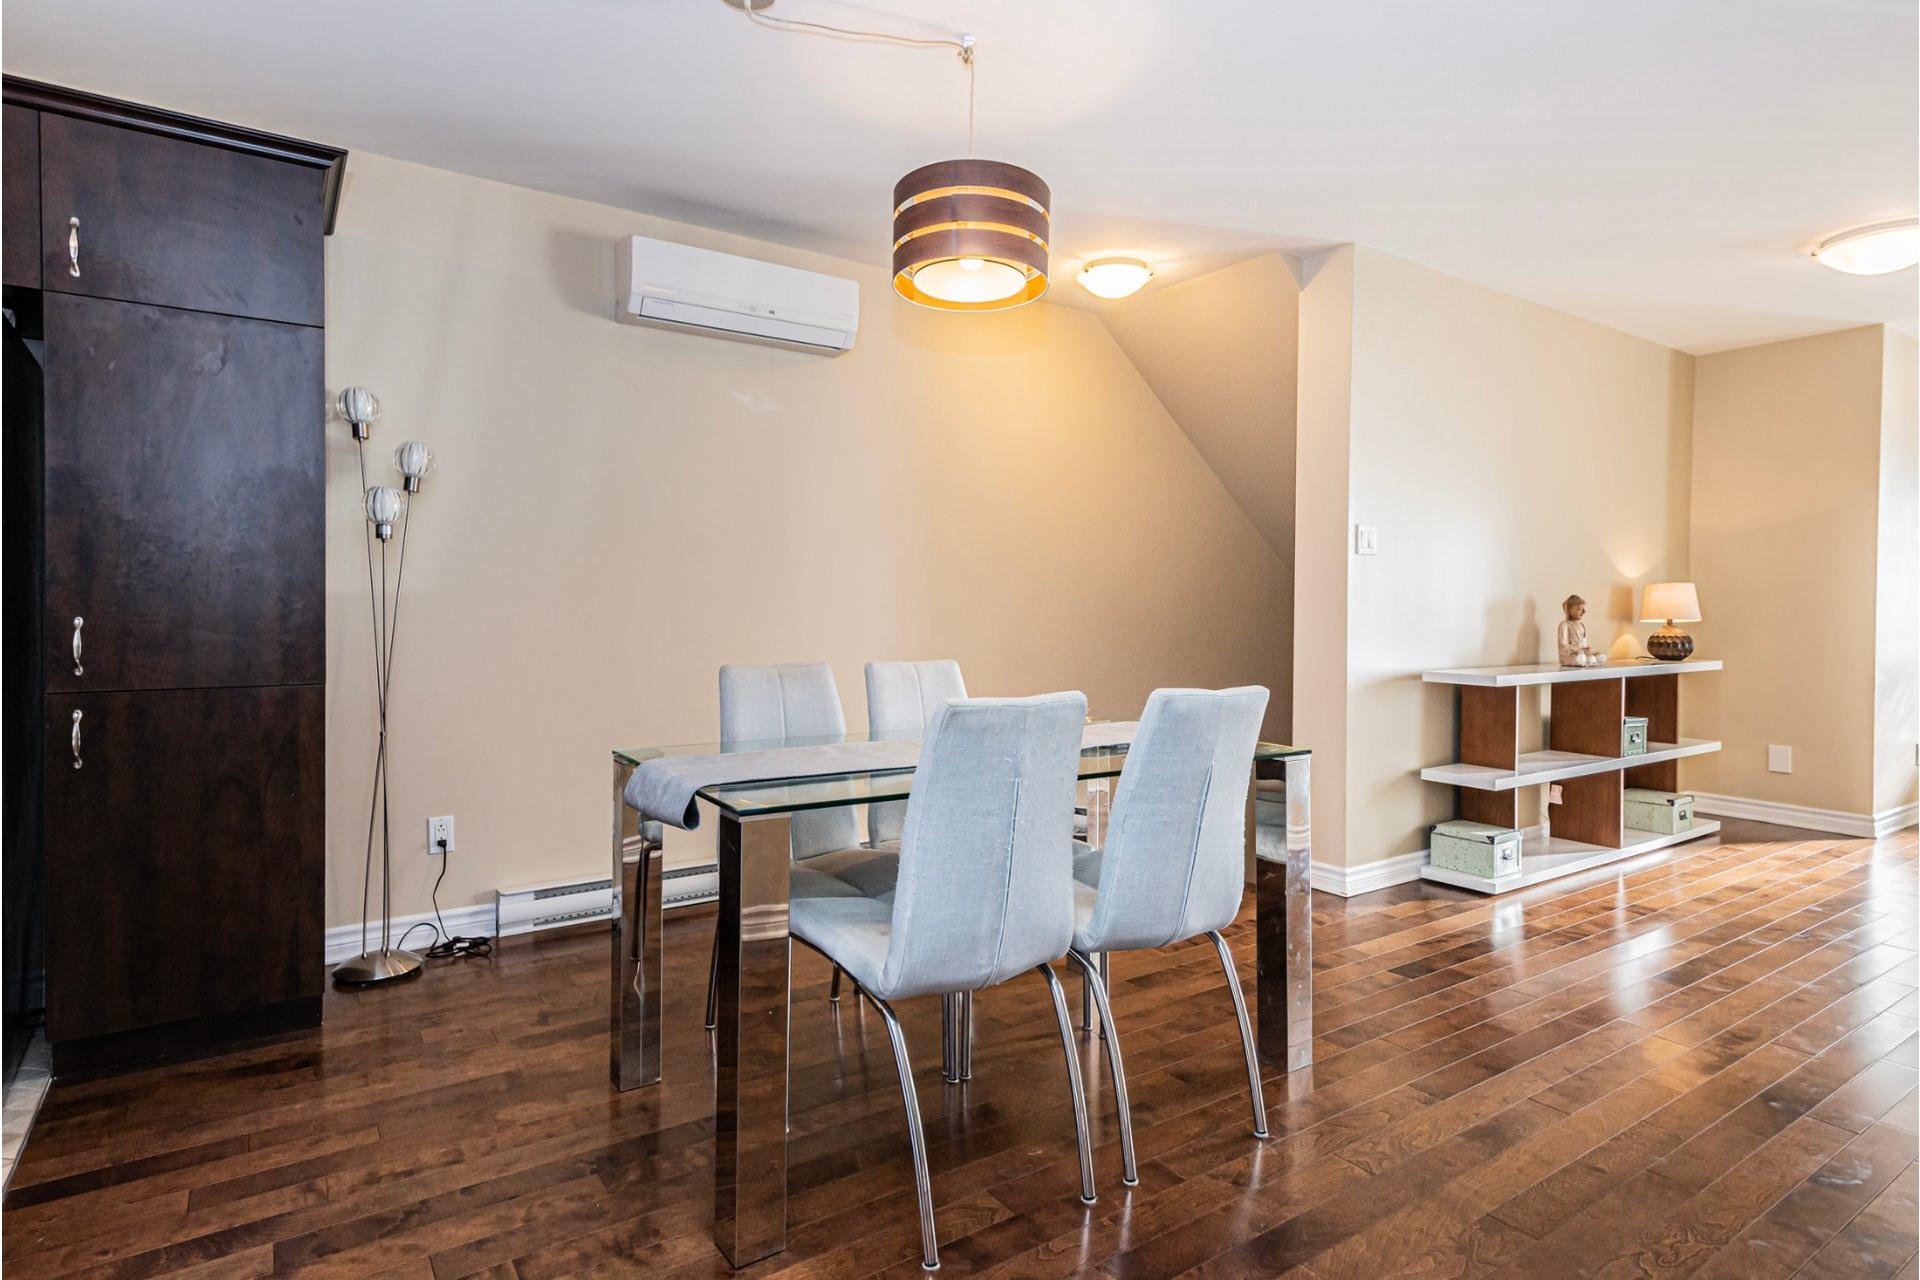 image 10 - Appartement À vendre Lachine Montréal  - 11 pièces